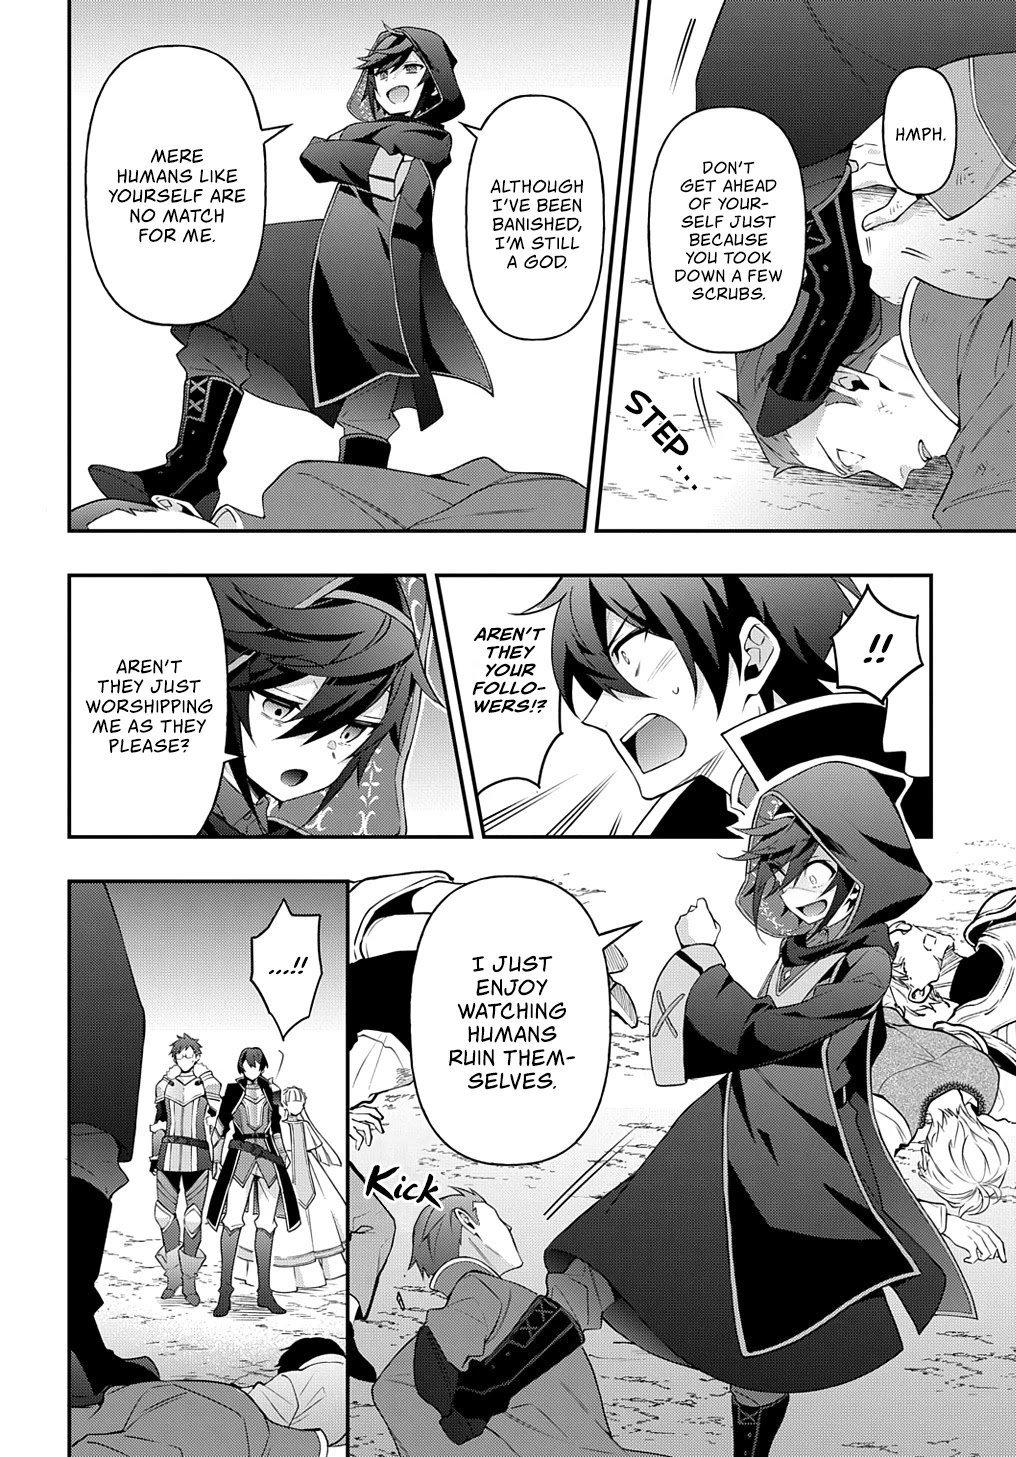 Manga Tensei Kizoku no Isekai Boukenroku ~Jichou wo Shiranai Kamigami no Shito~ - Chapter 26 Page 13